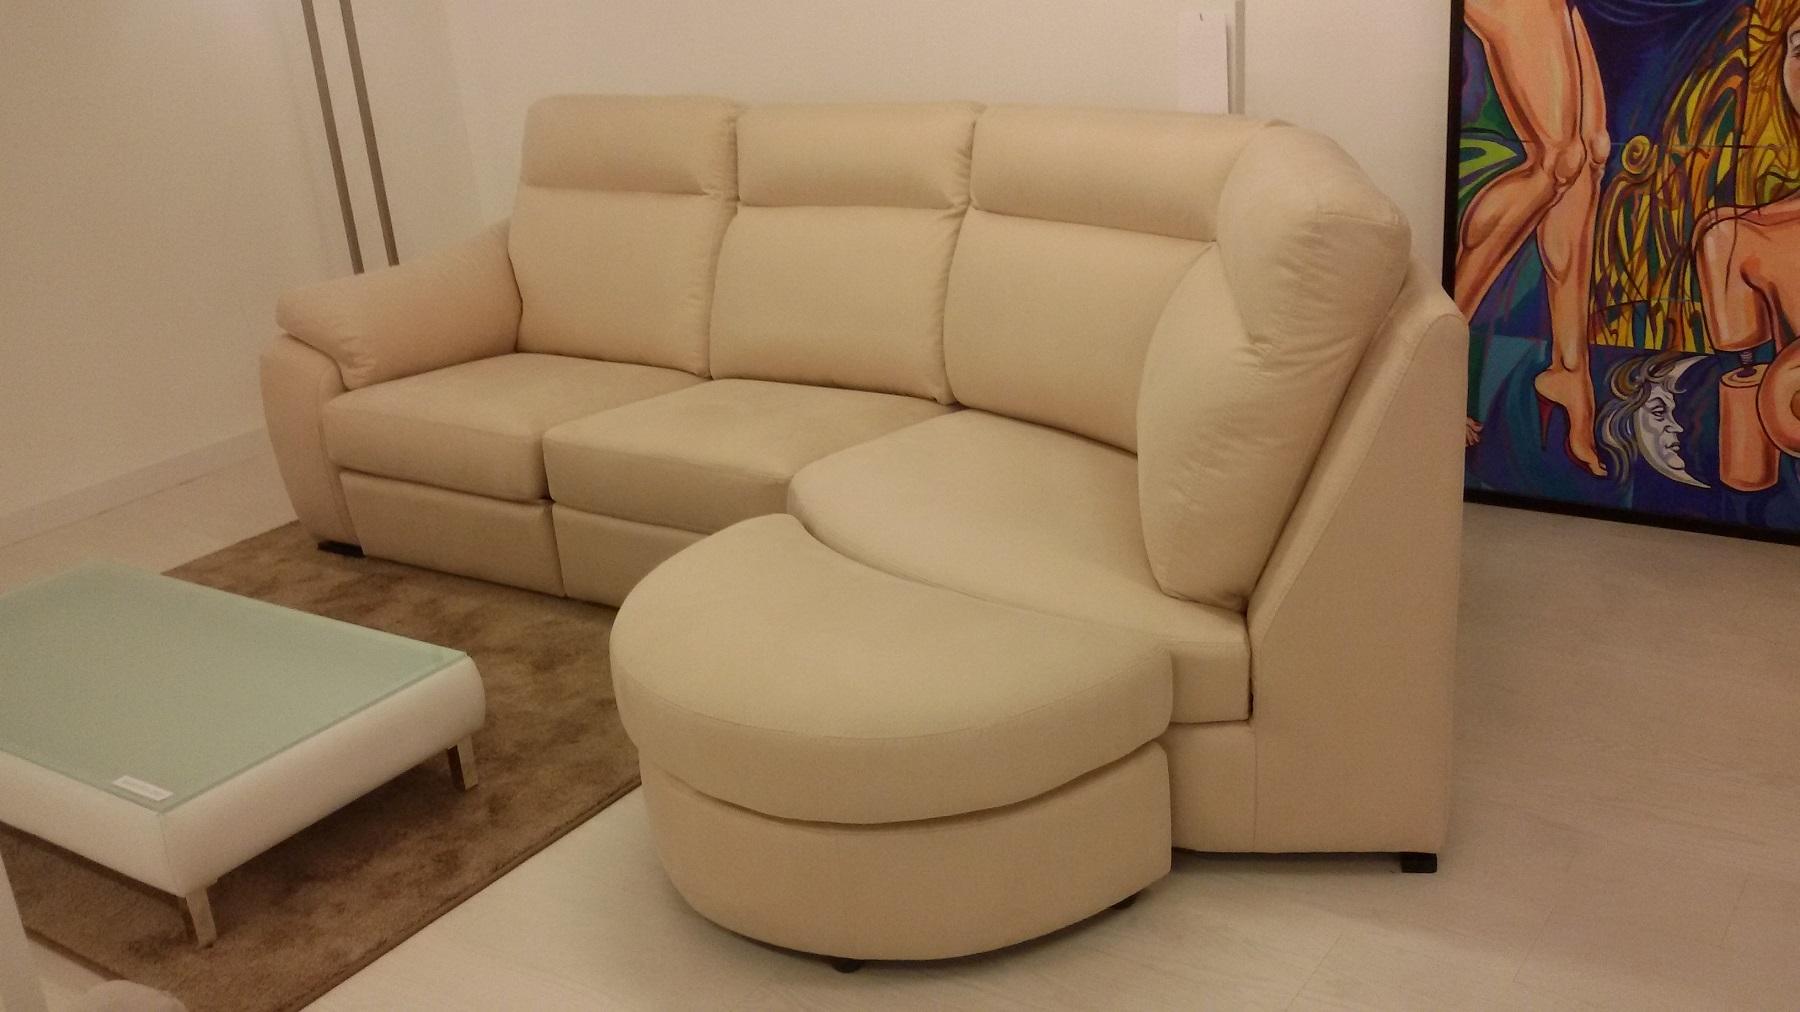 Divano con penisola tonda divani a prezzi scontati - Altezza seduta divano ...